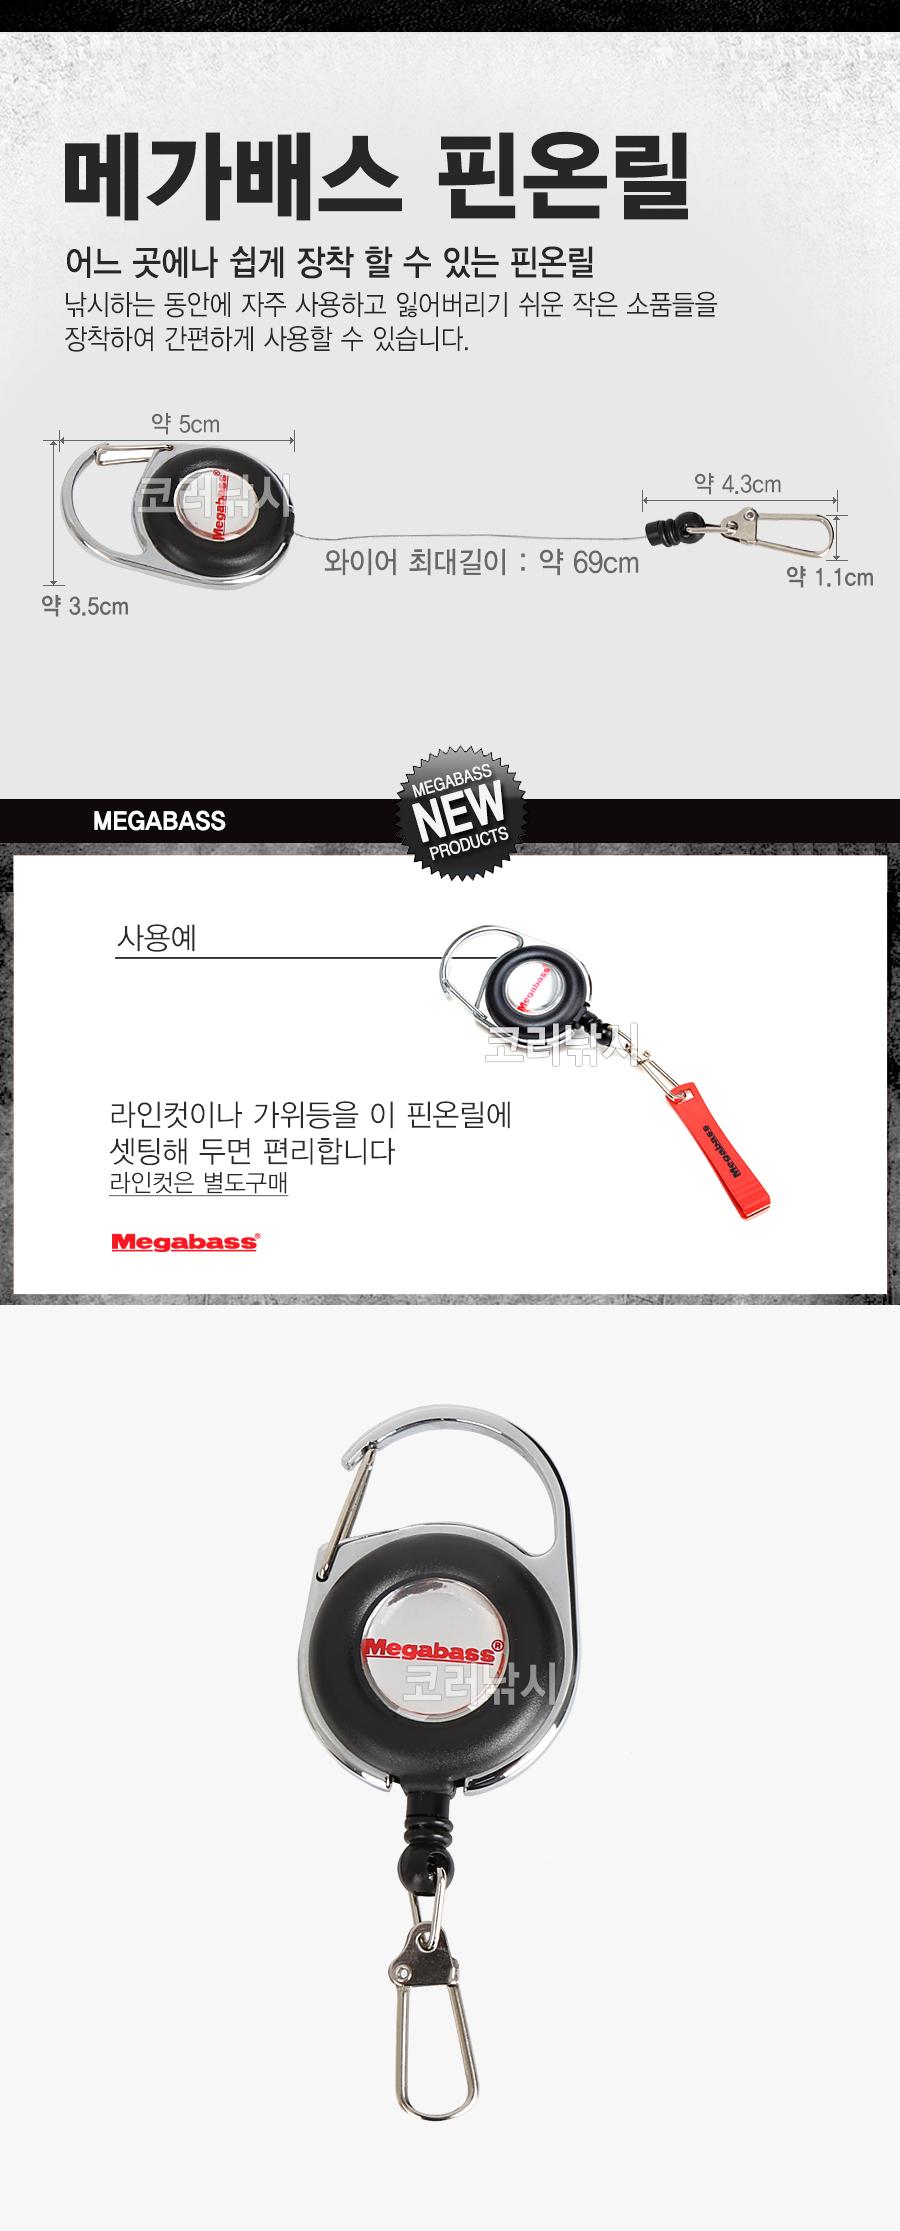 메가배스 핀온릴 블랙 (MEGABASS PIN ON REEL BLACK)